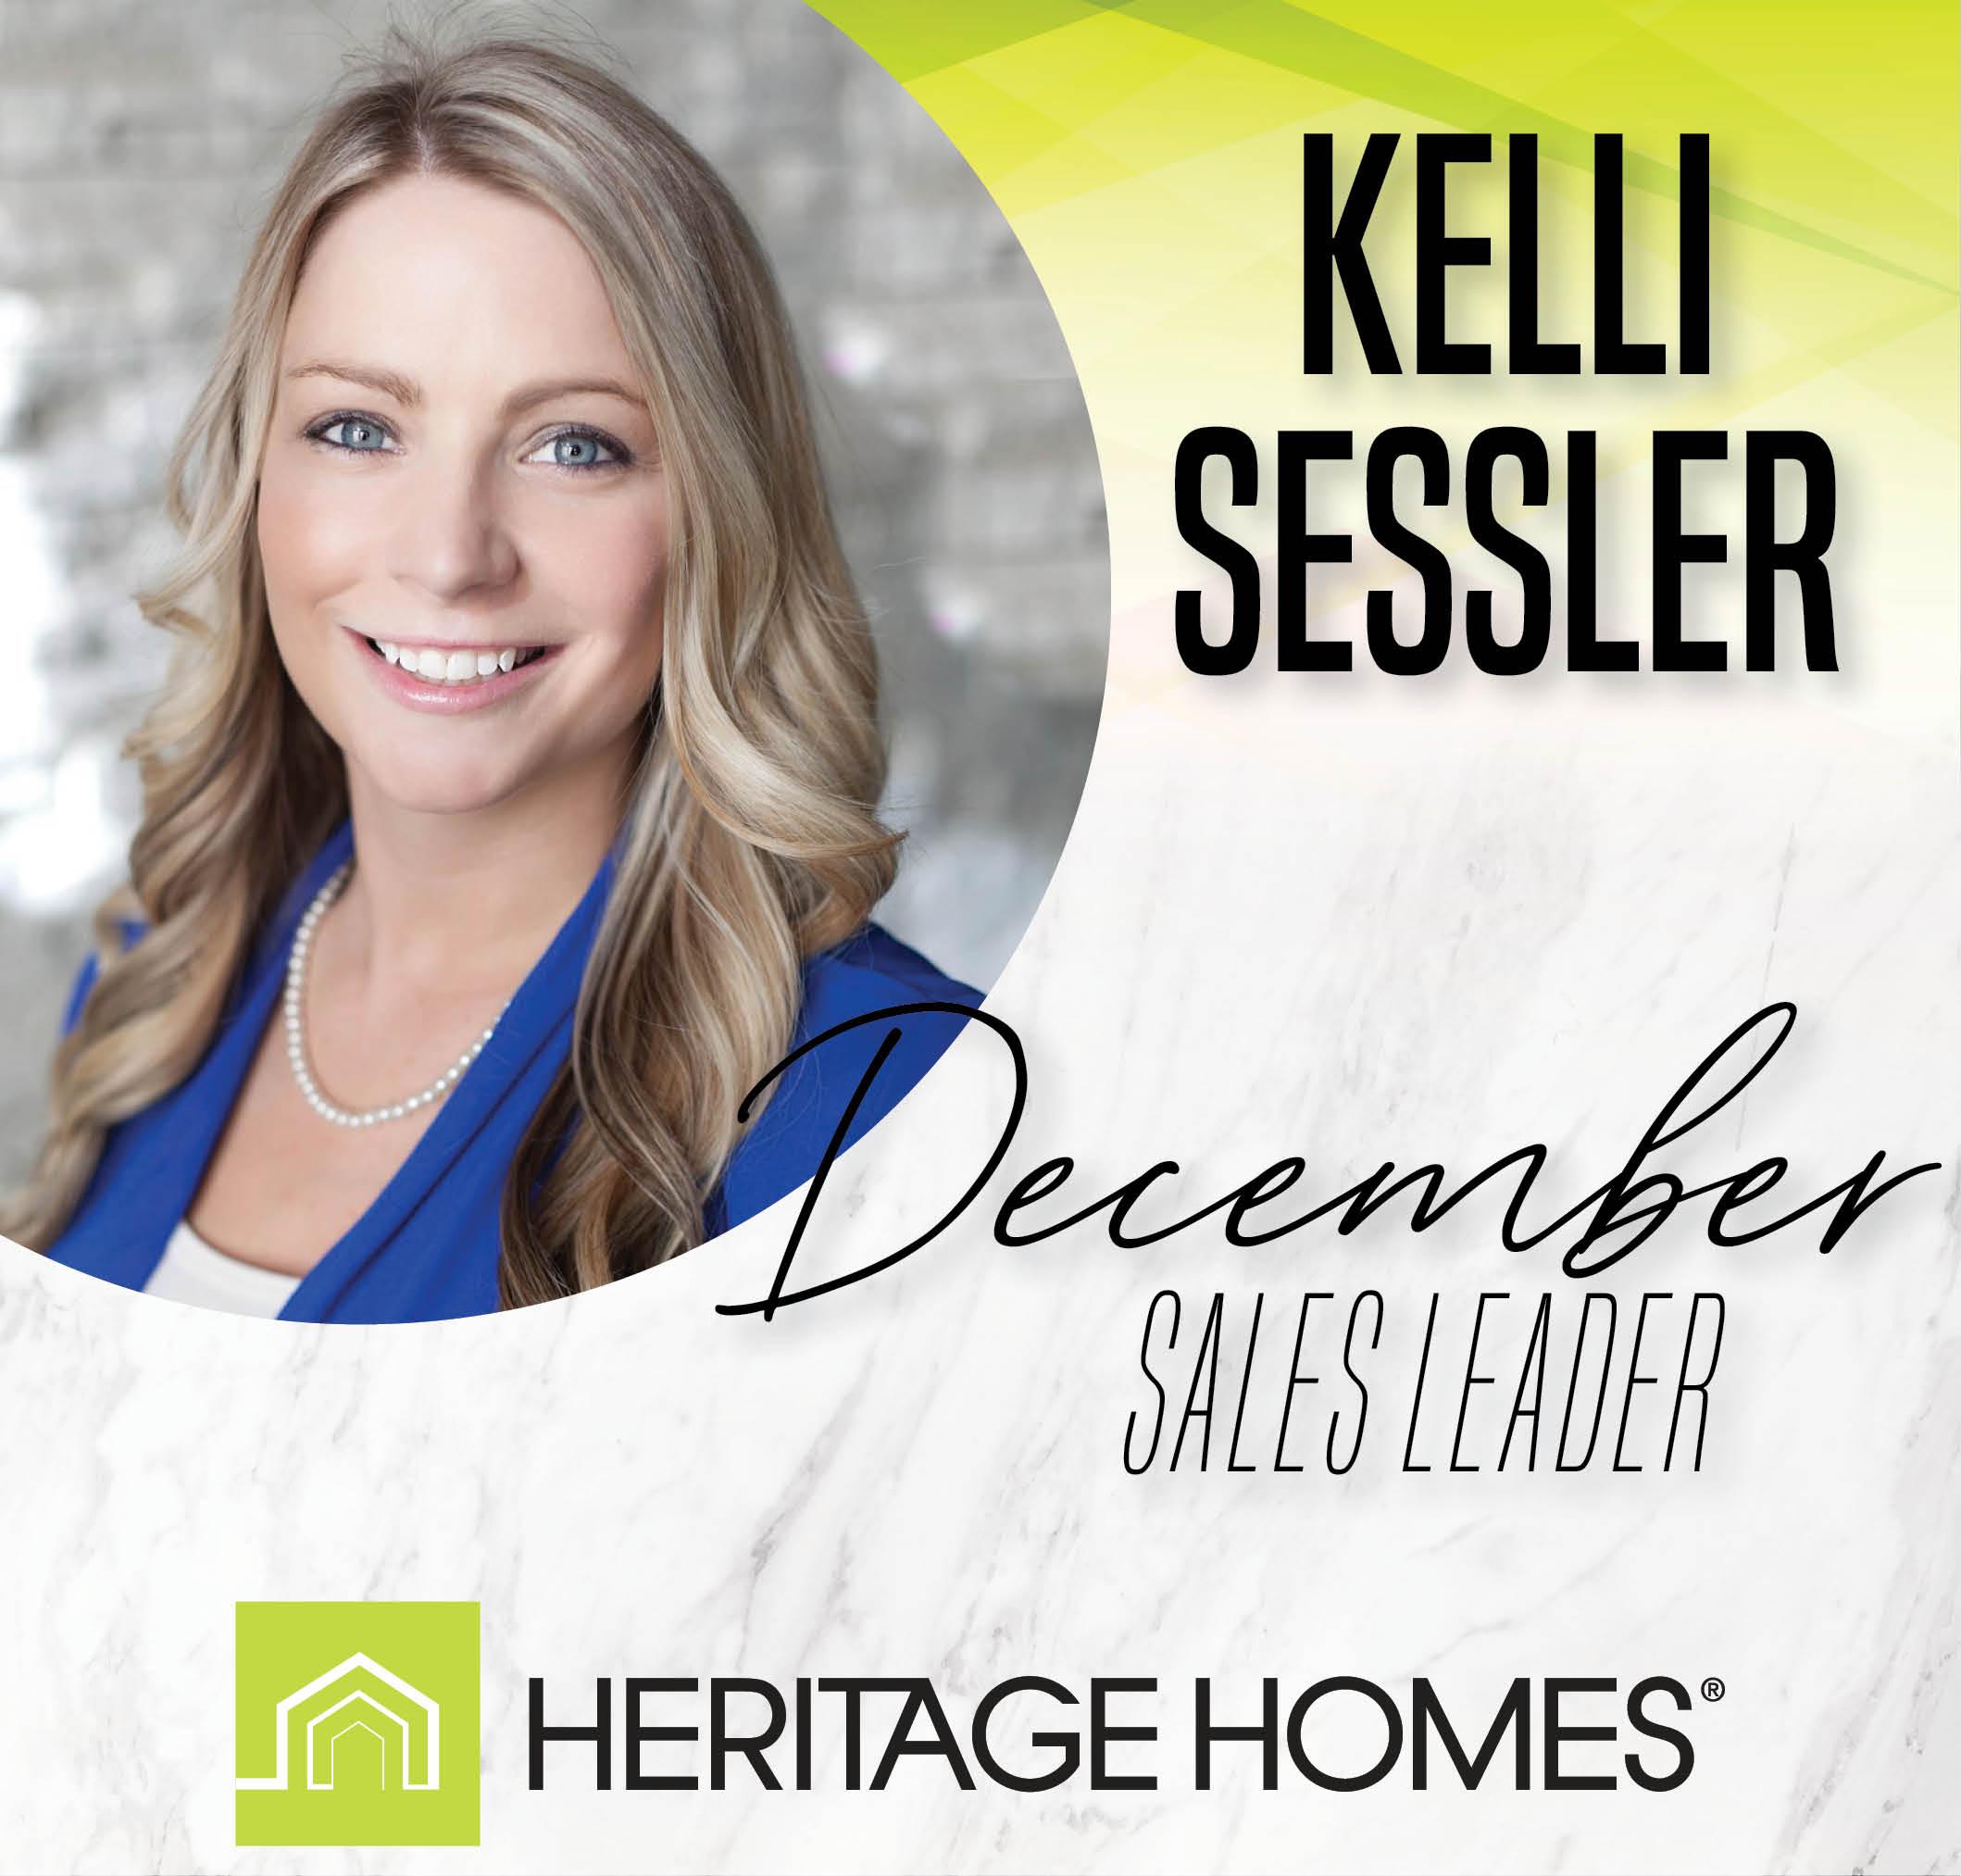 December Sales Leader – Kelli Sessler